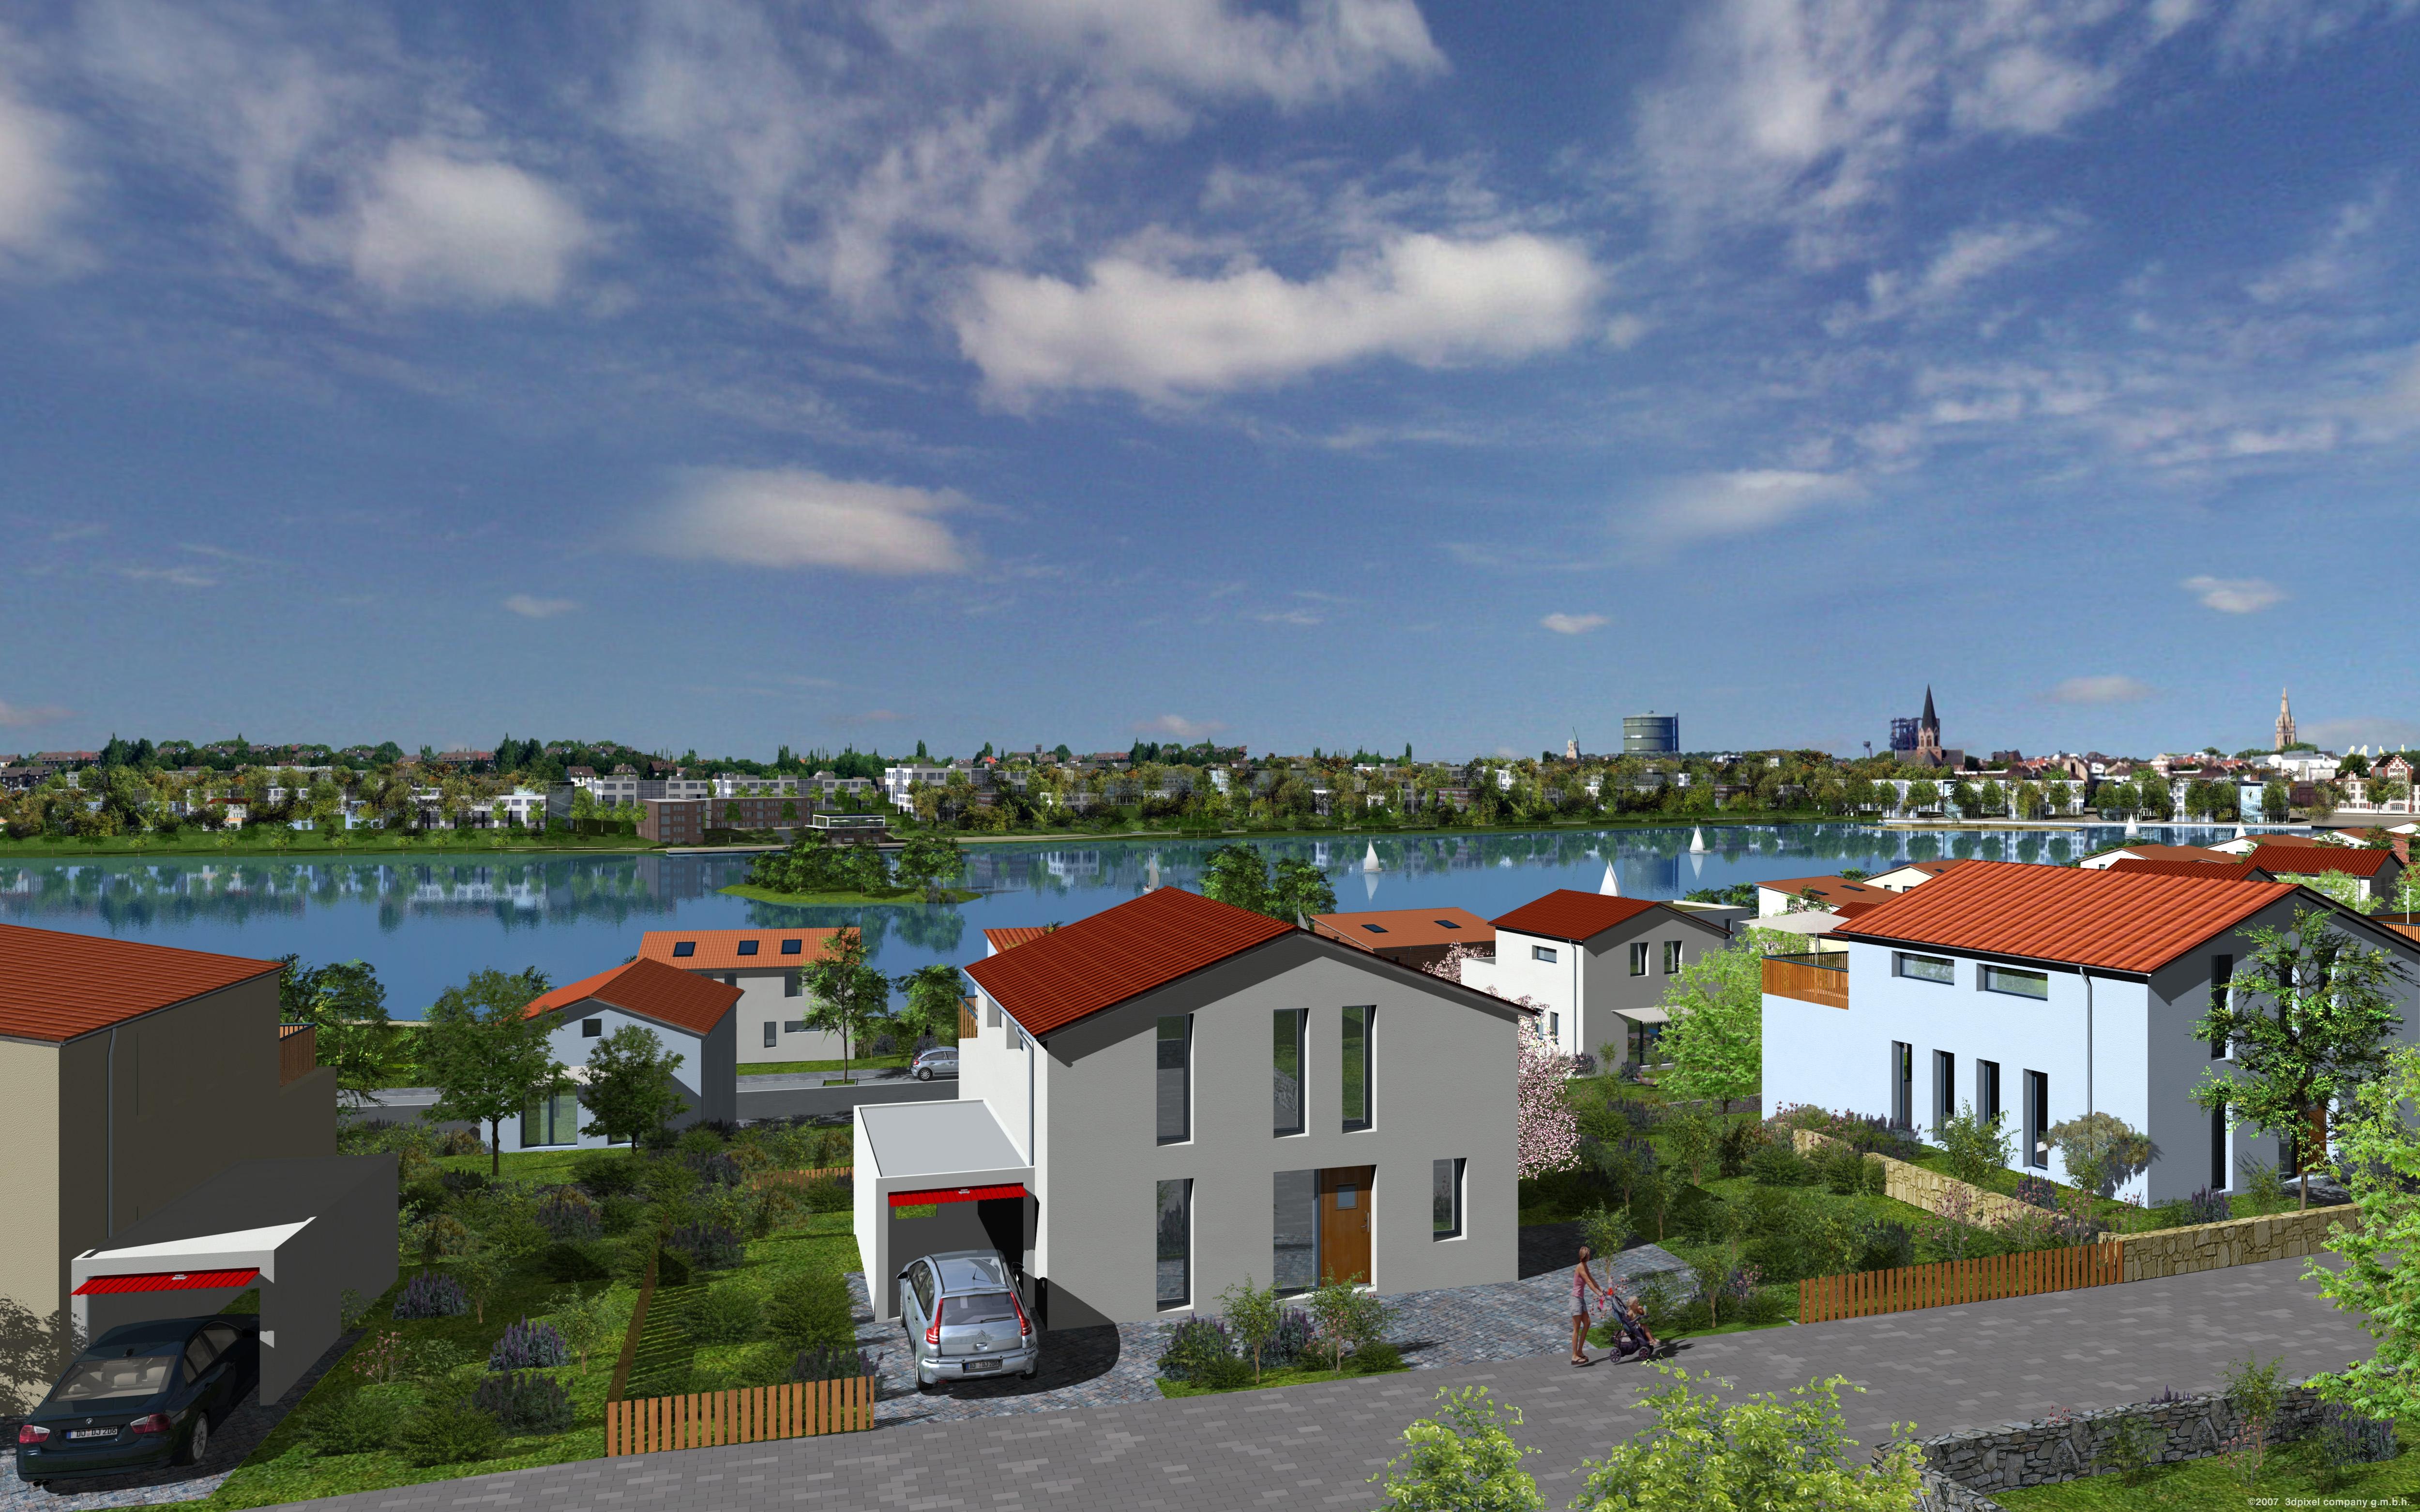 This Dortmunder Phoenix See Eines Der Ambitioniertesten Stadterneuer